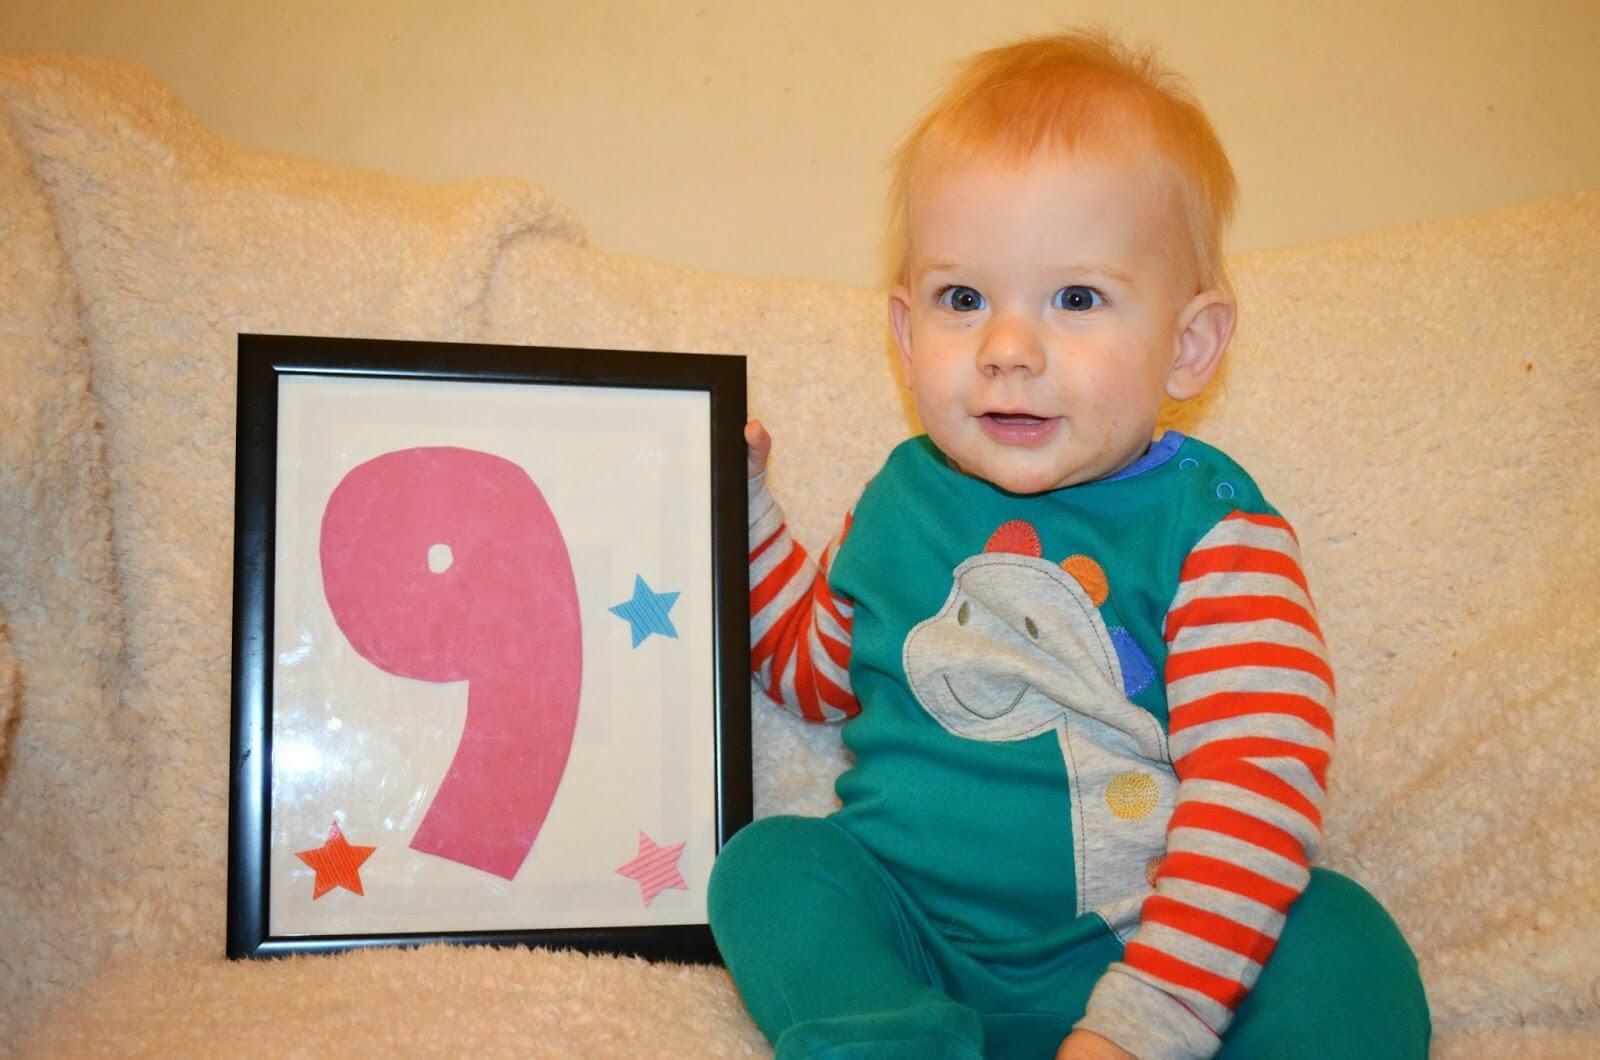 bebi 9 muajsh, femija 9 muajsh, regres